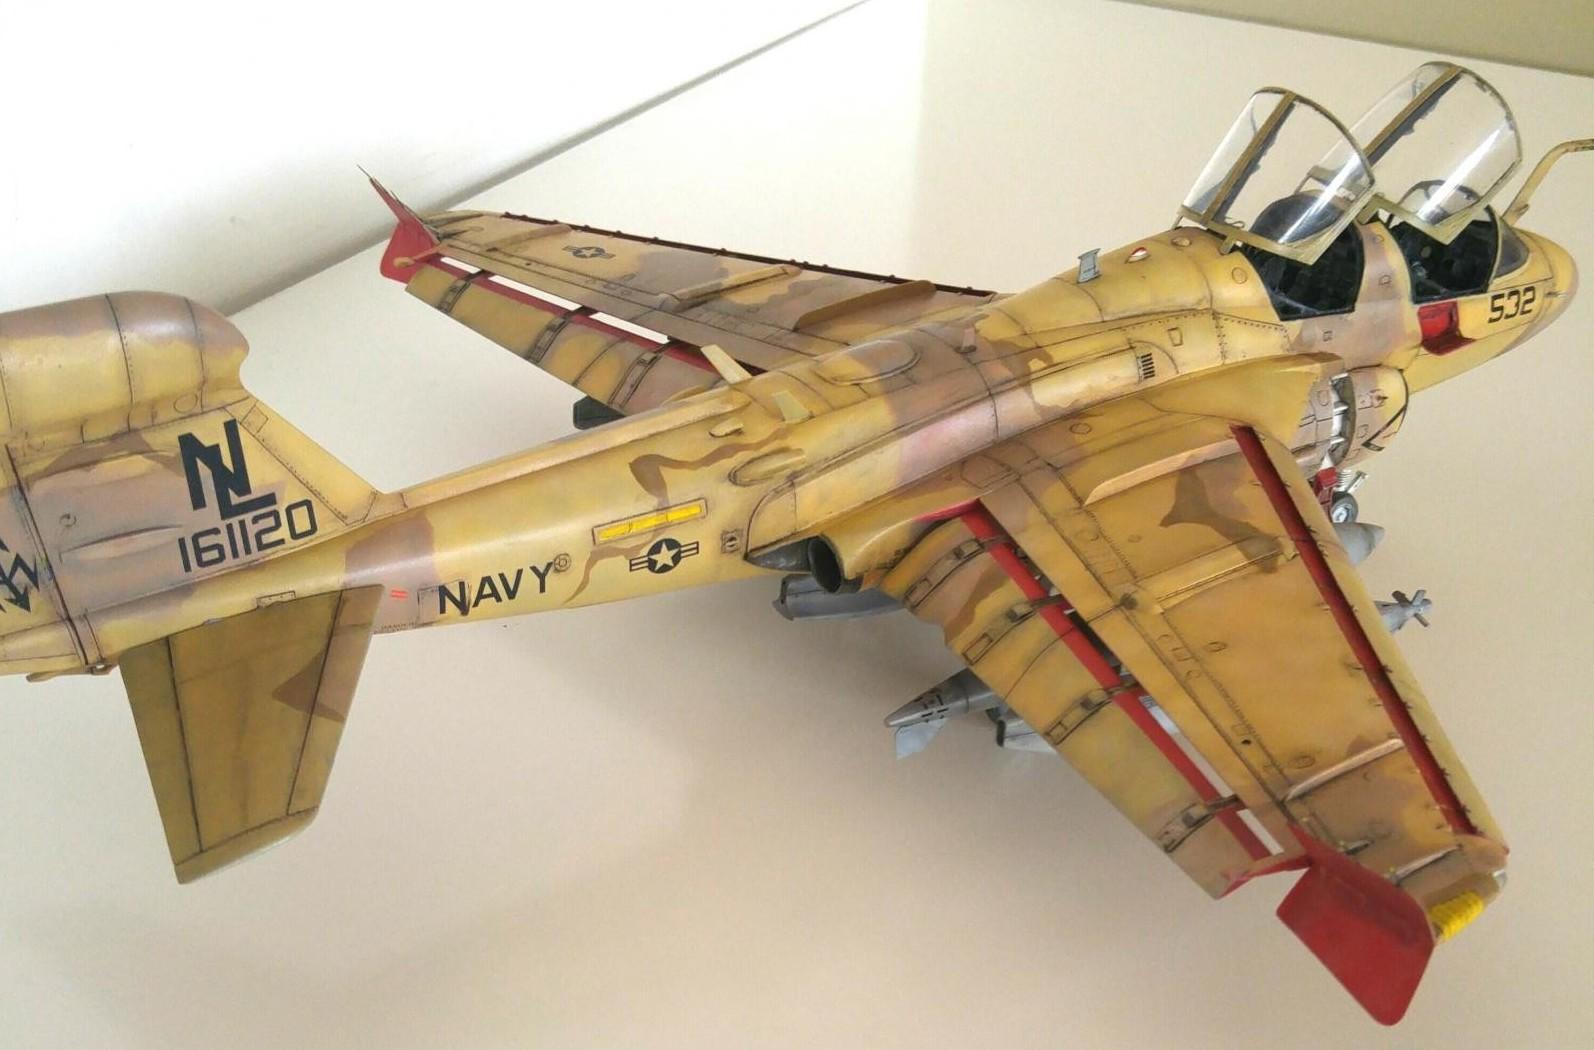 Ea6b prowler strip